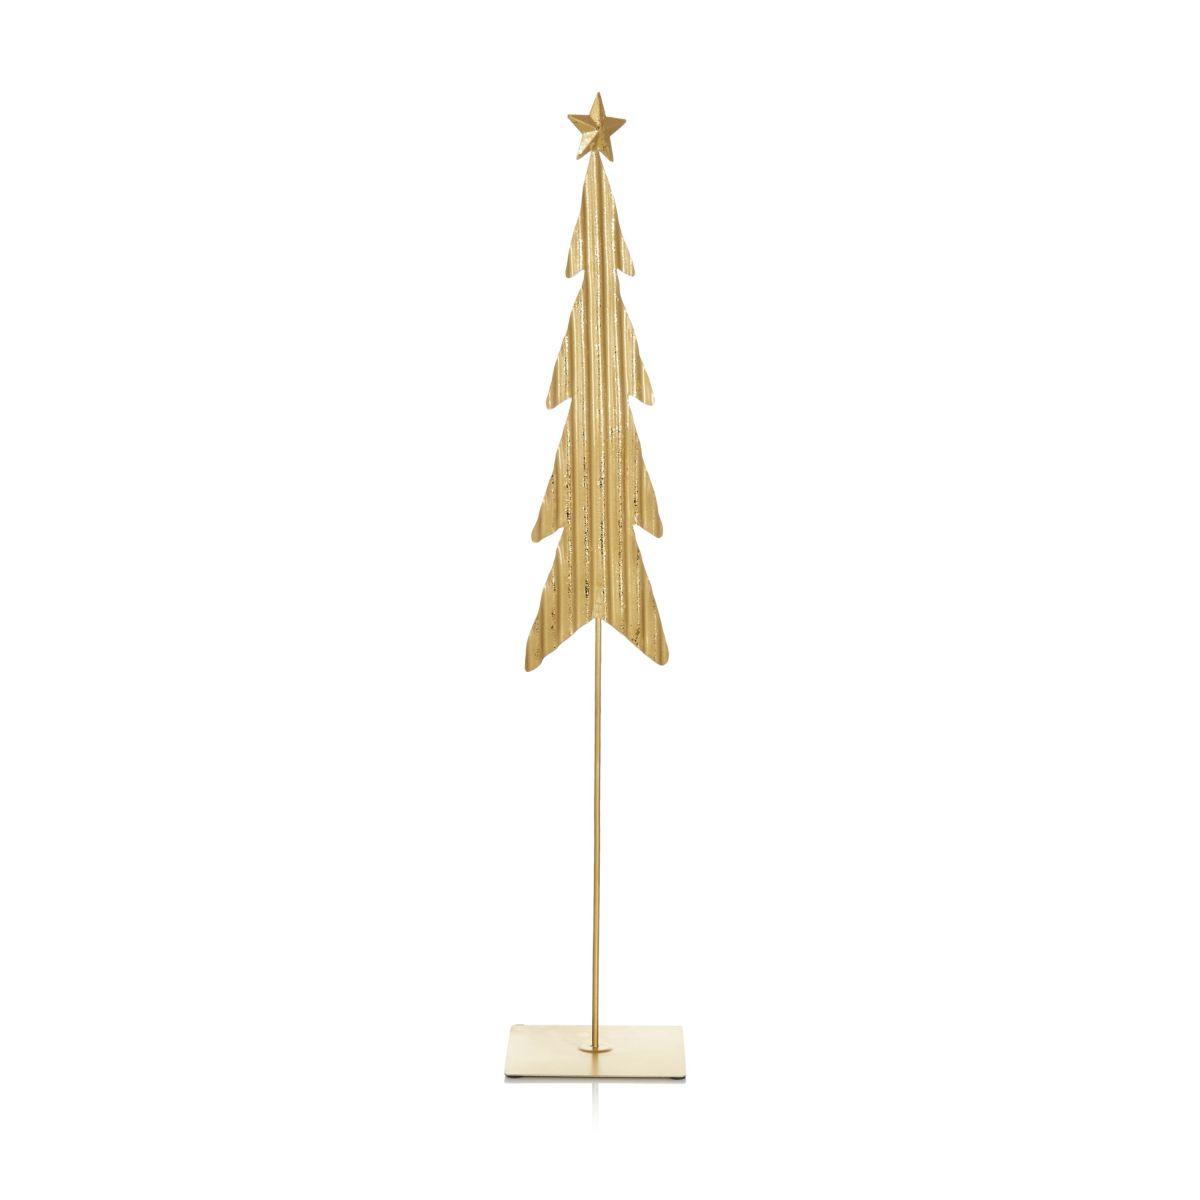 Deko-Weihnachtsbaum, lackiert, Metall (Impressionen)